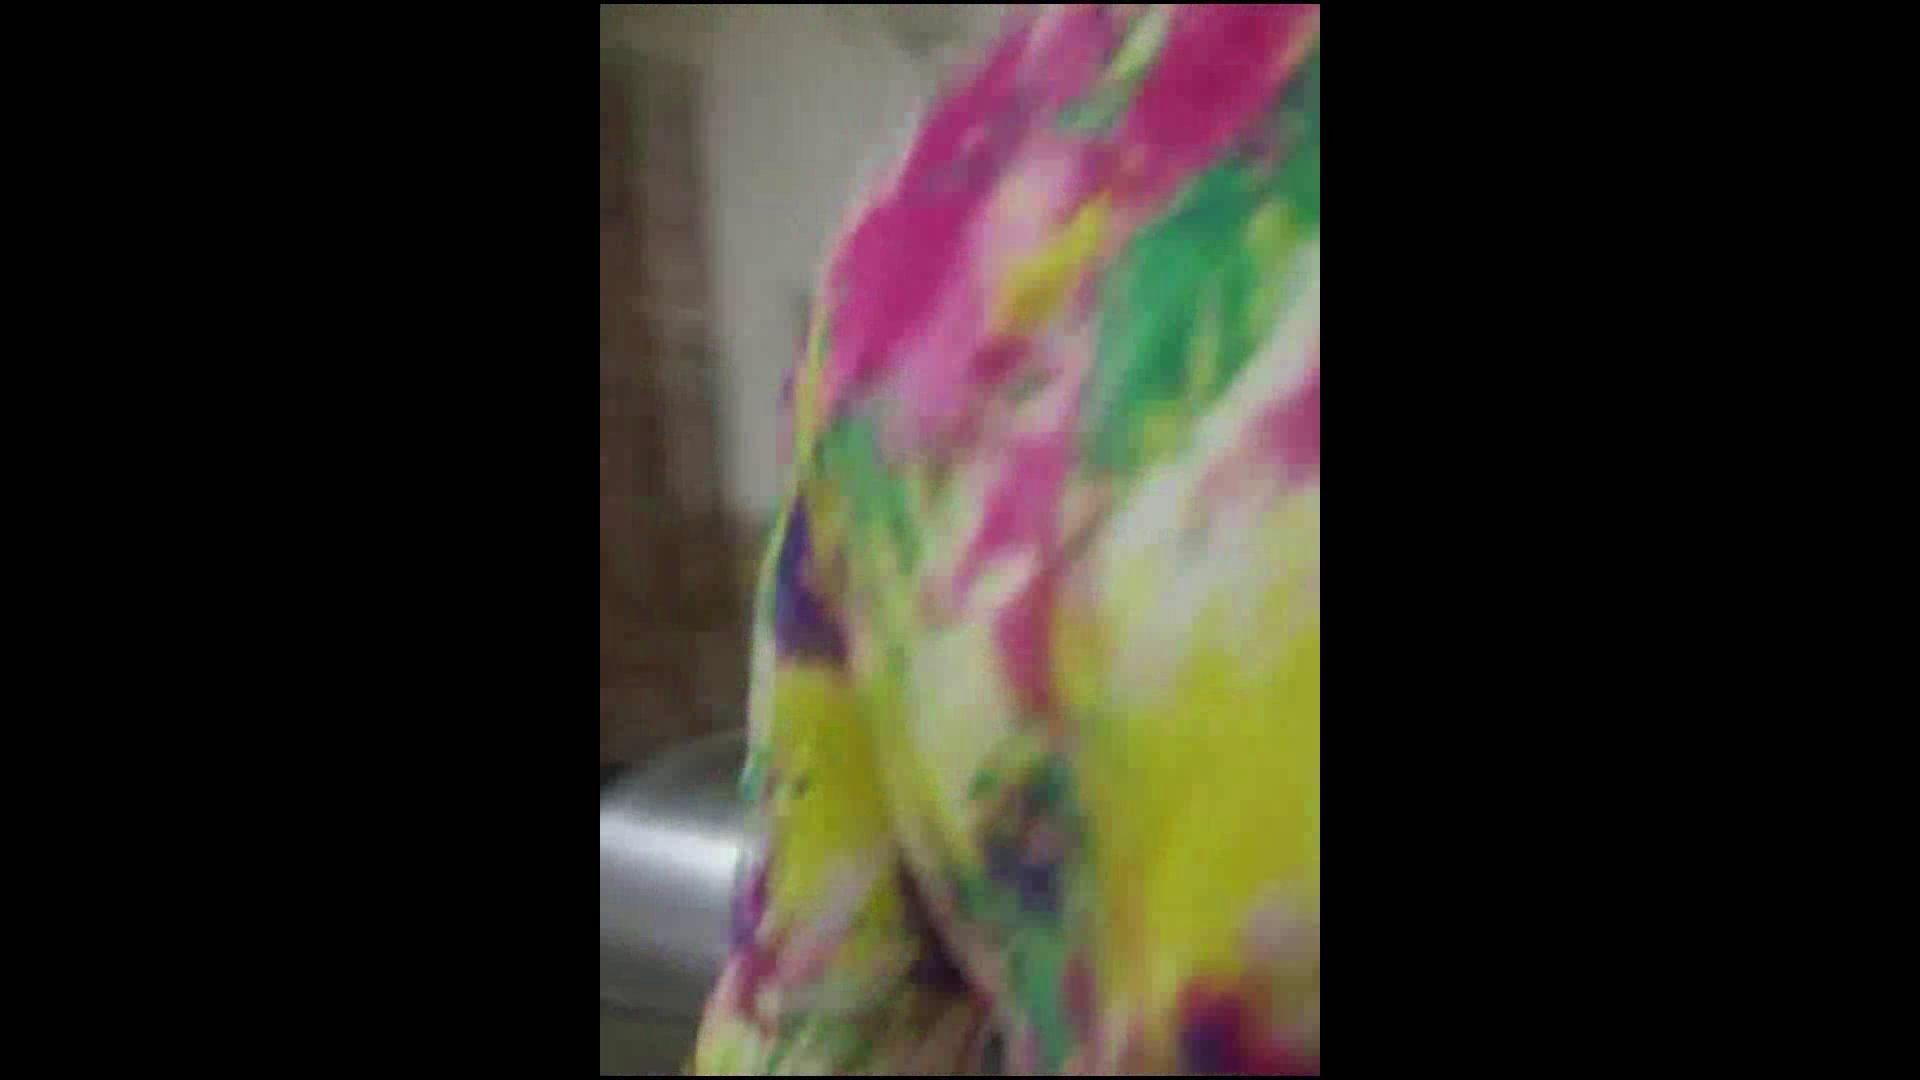 綺麗なモデルさんのスカート捲っちゃおう‼vol01 Hなお姉さん | モデルヌード  74pic 66